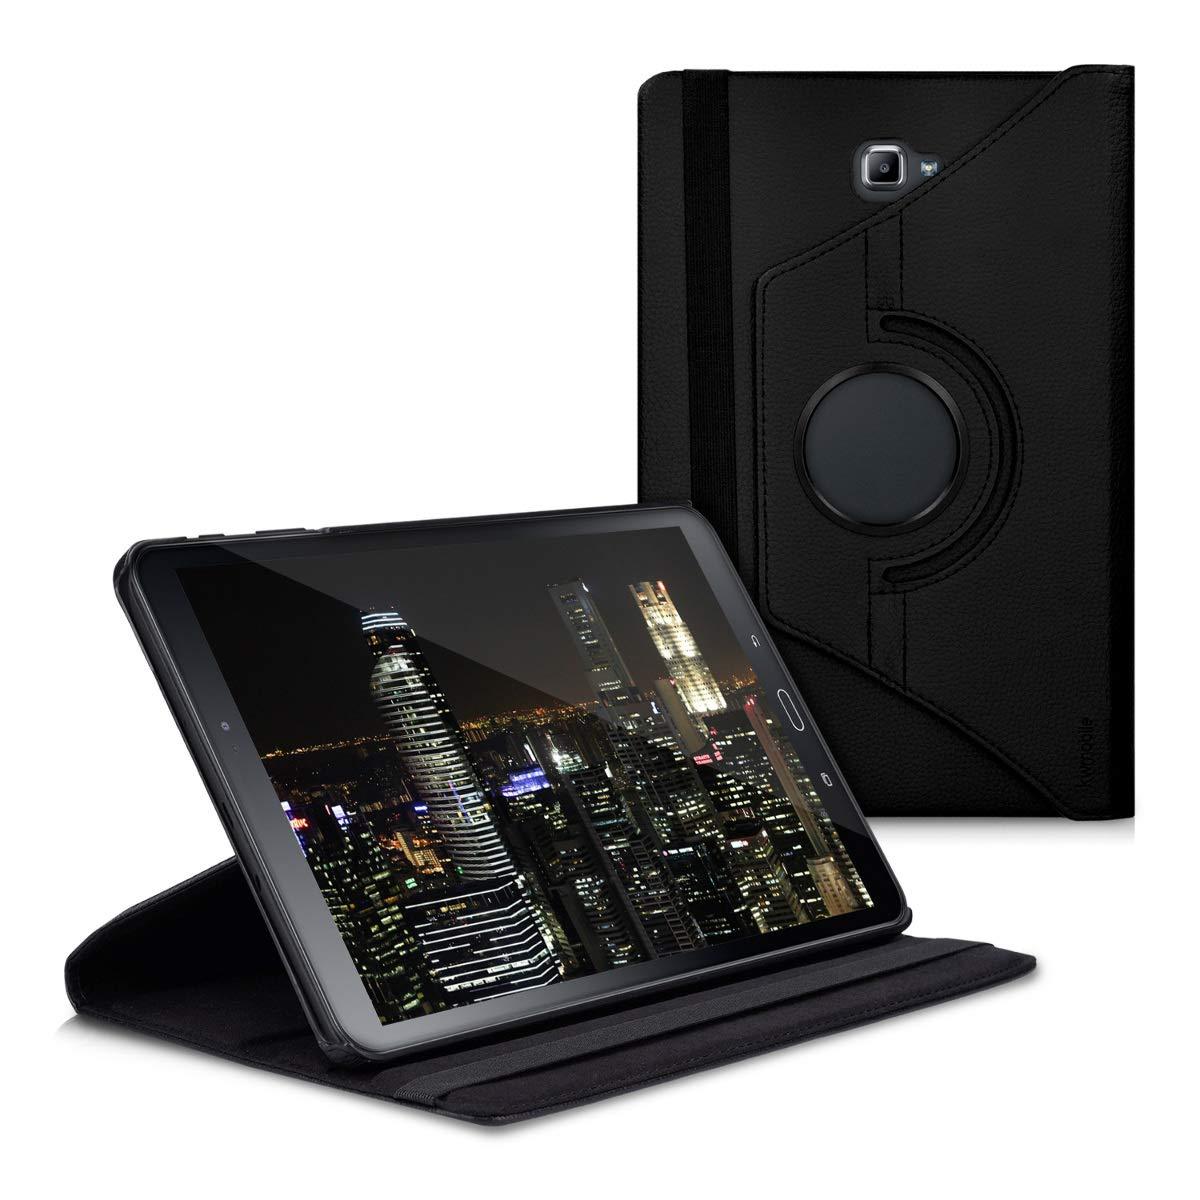 kwmobile 40447.01 Funda para Samsung Galaxy Tab A 10.1 (S-Pen) (cuero sintético, 360 grados) negro: Amazon.es: Informática